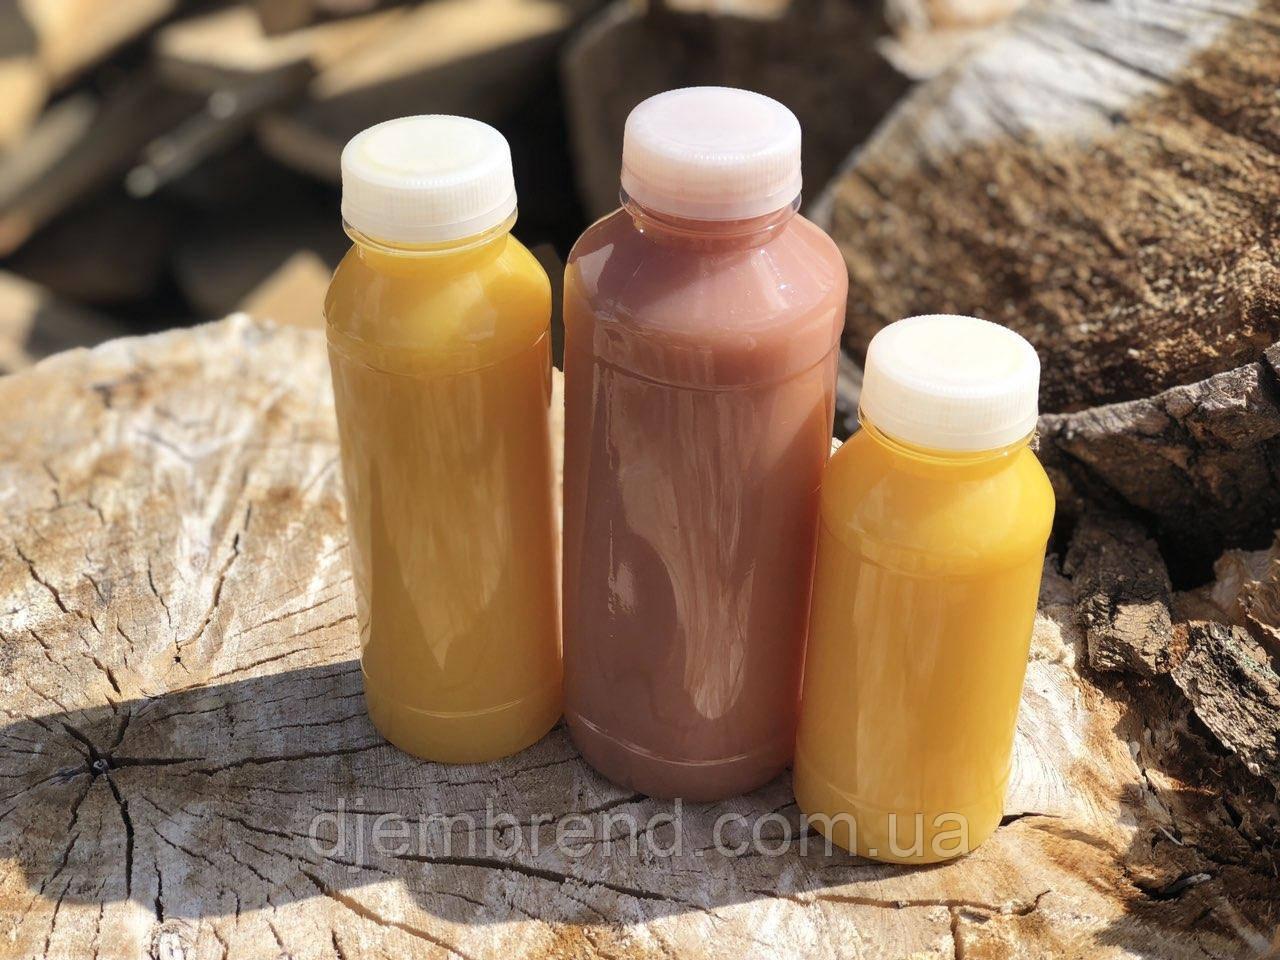 Бутылка пластиковая под соки, смузи и фрешы 330 мл. Доставка по Киеву от 50 штук в упаковке.